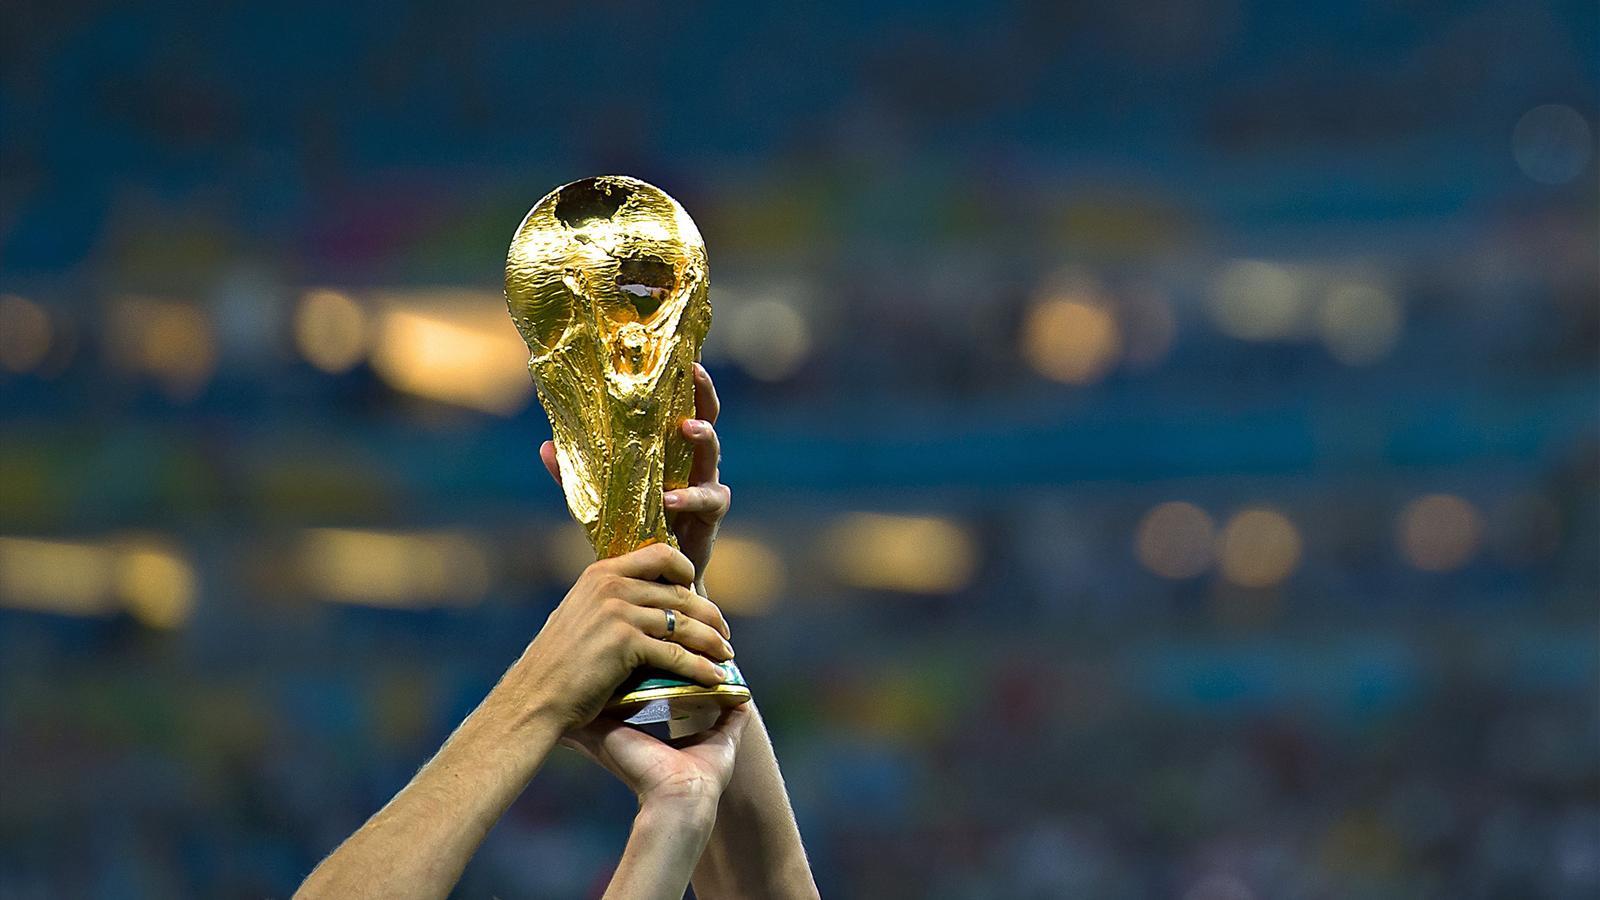 la coupe du monde 48 une erreur historique coupe du monde 2018 football eurosport. Black Bedroom Furniture Sets. Home Design Ideas